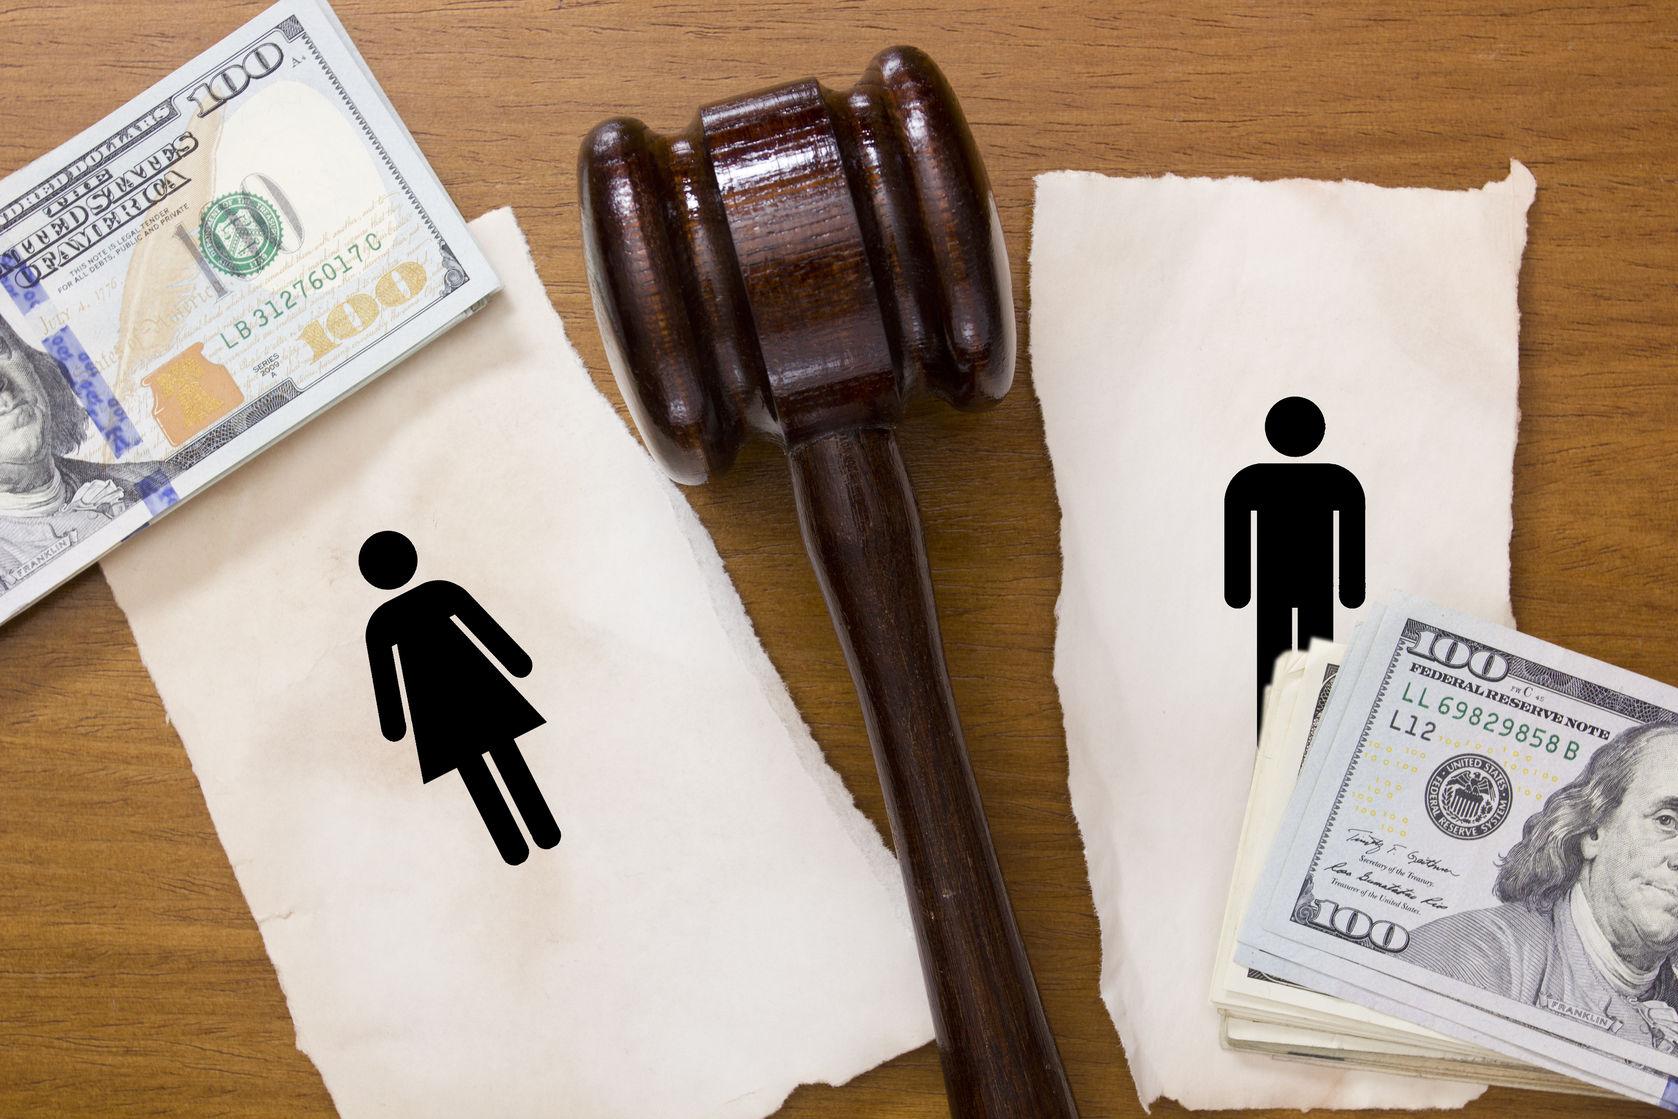 황혼이혼 증가, 이젠 이혼시 퇴직연금도 재산분할 대상?!